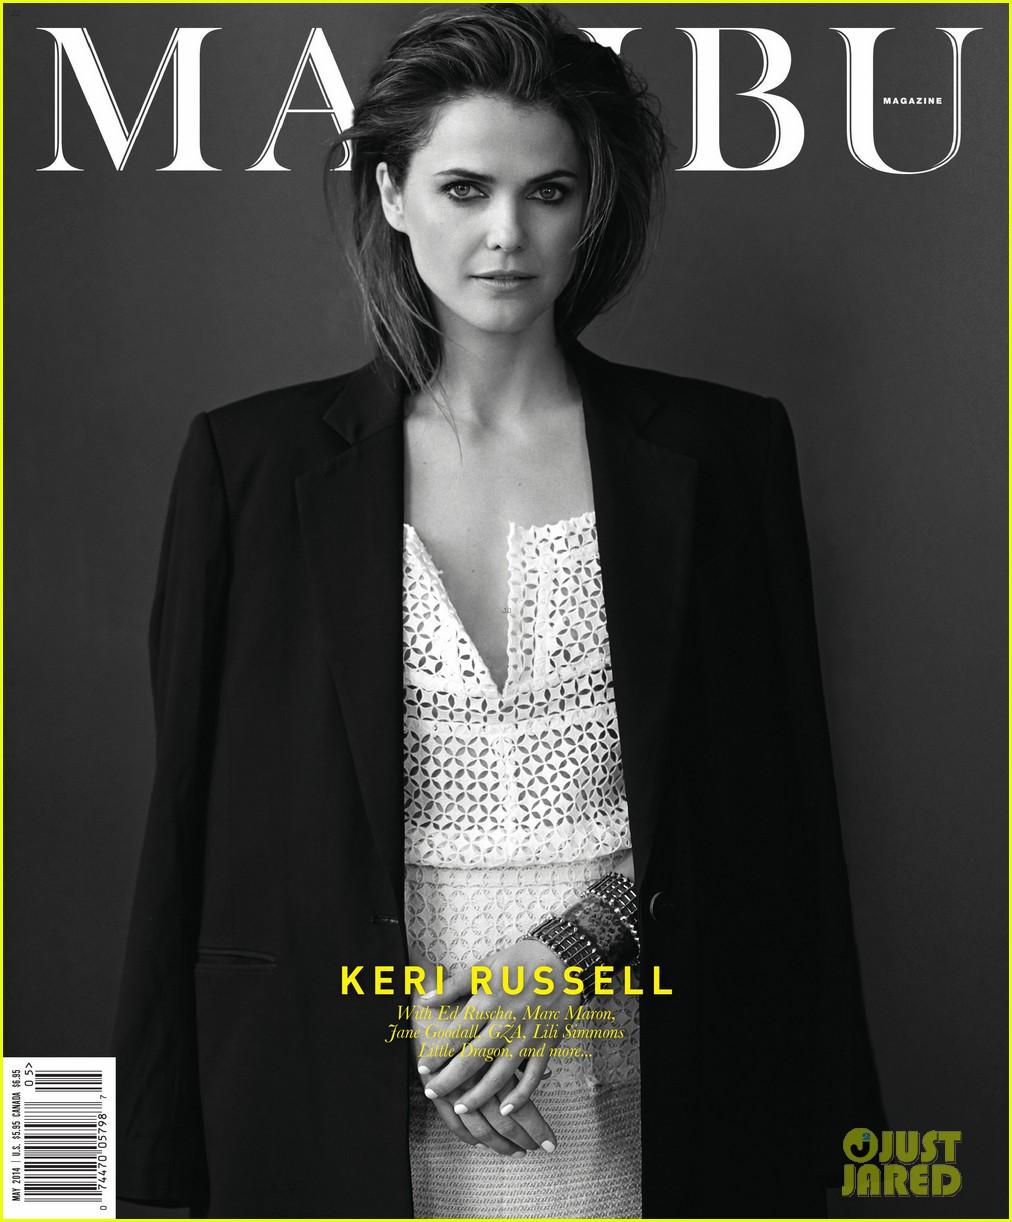 keri russell malibu magazine 01